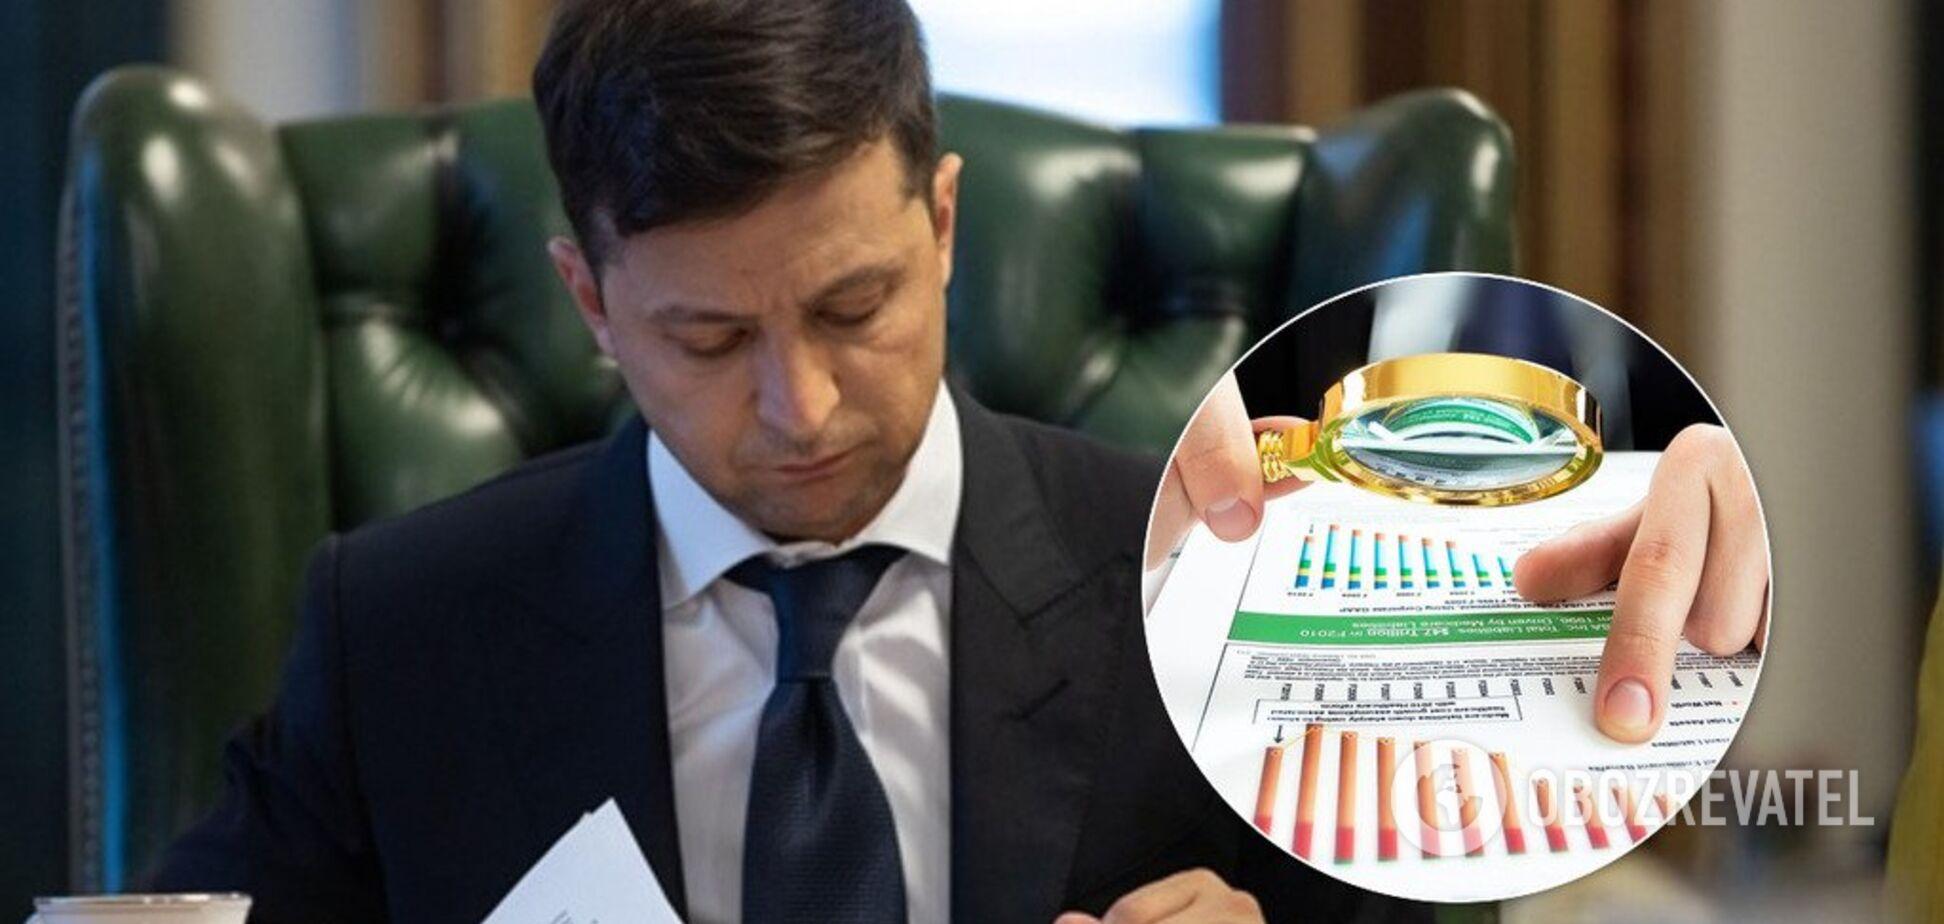 'Зеленський дав сигнал': в Україні оголосили про запуск масштабної реформи